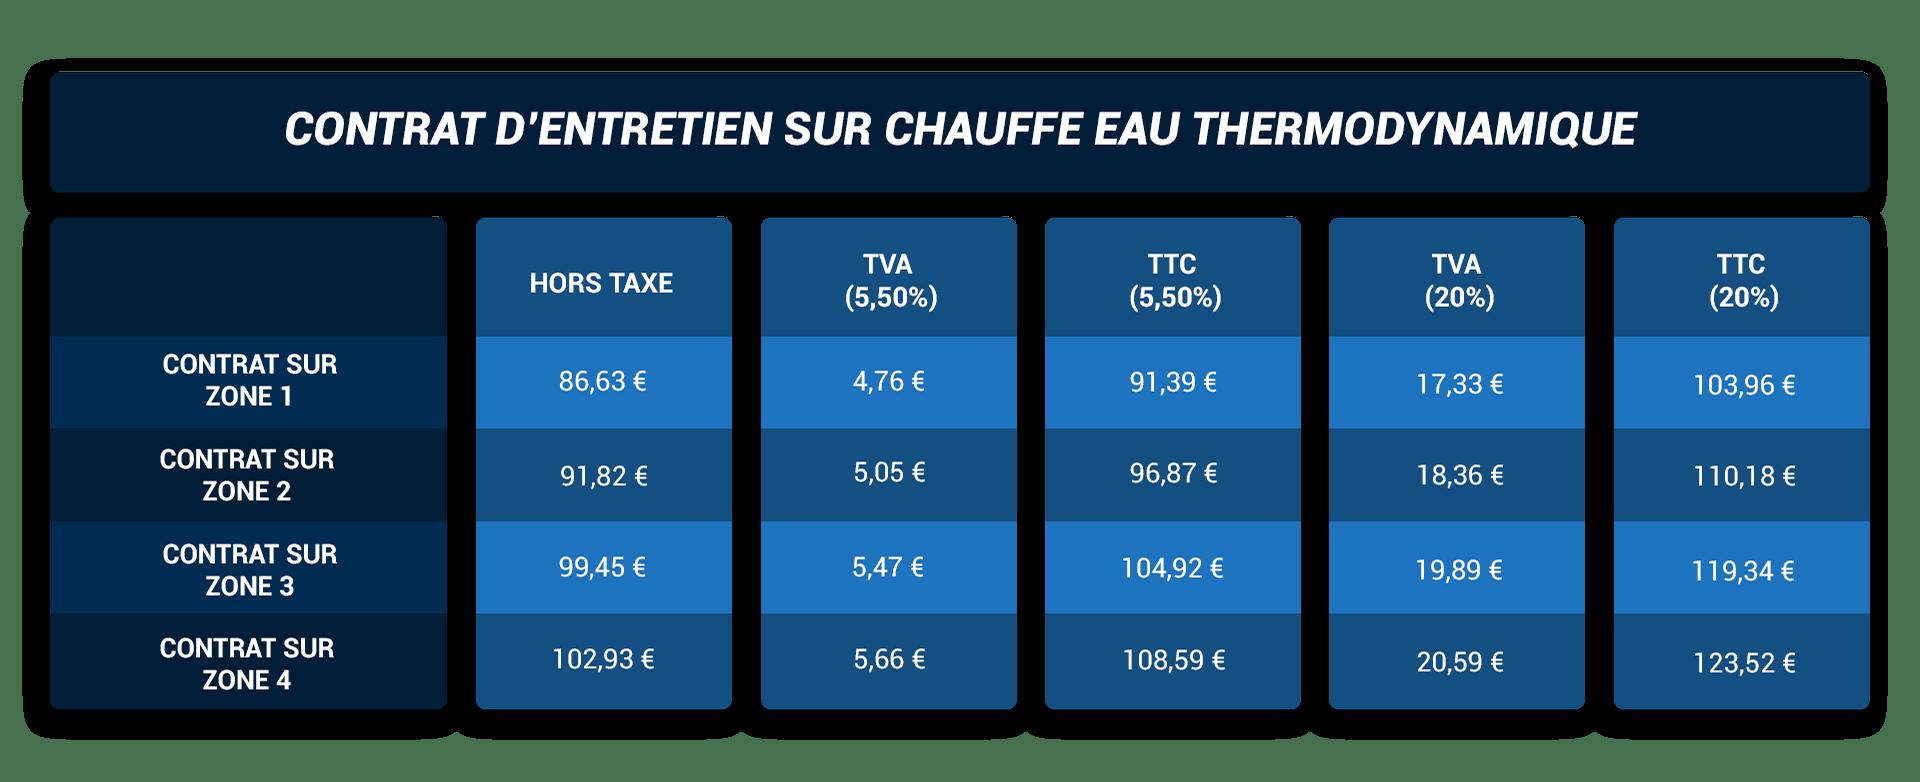 https://www.depannage-mallet.fr/wp-content/uploads/2020/09/contrat-dentretien-sur-chauffe-eau-thermodynamique.png